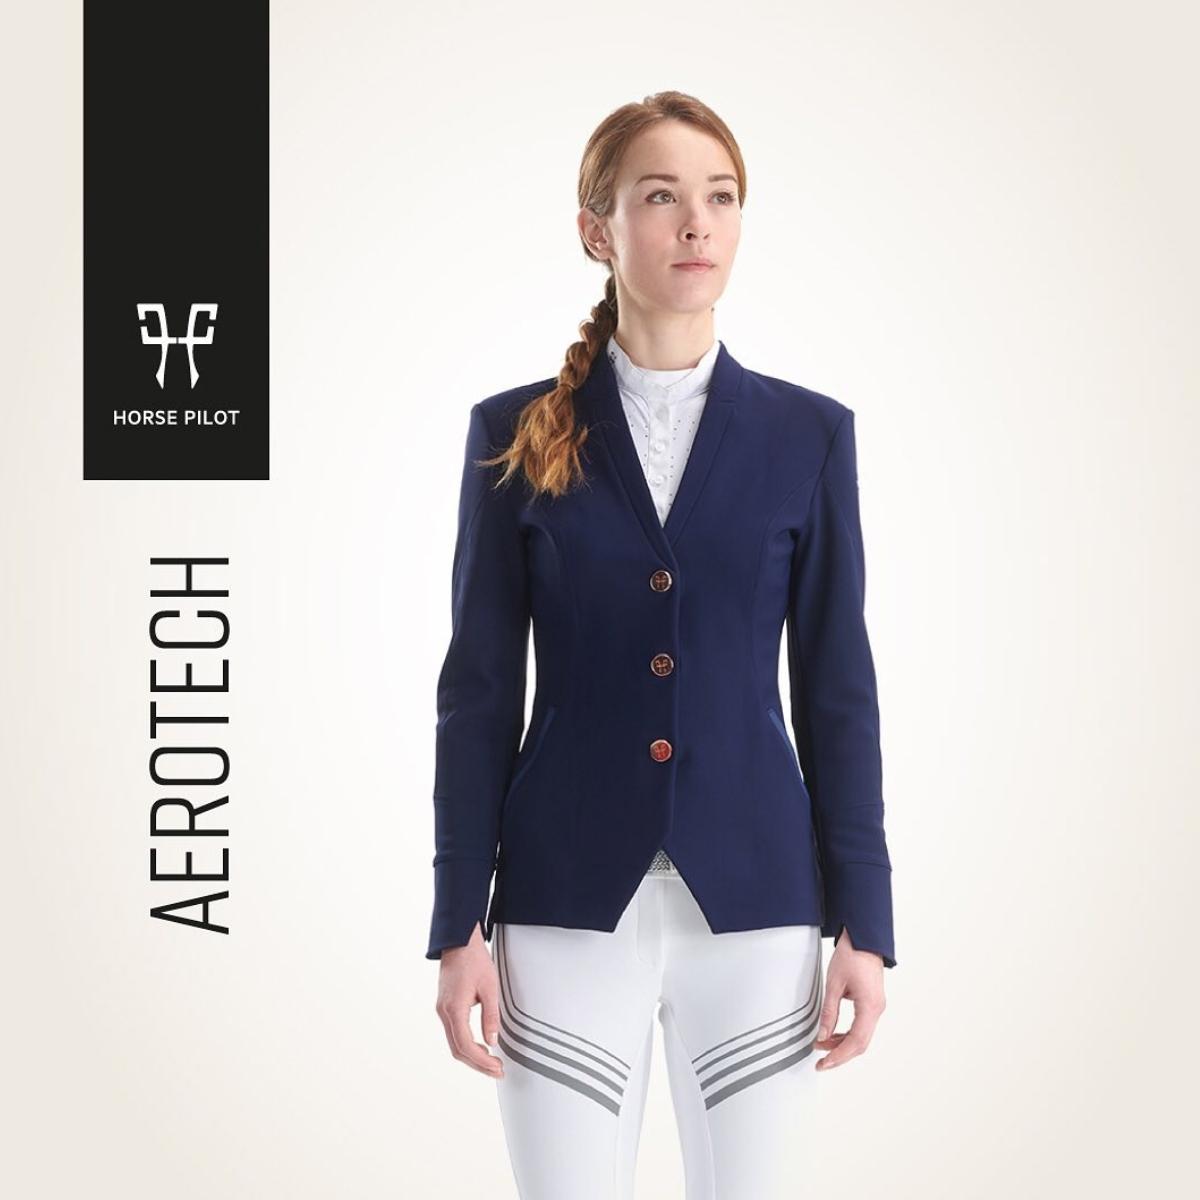 法国 HORSE PILOT 女士马术骑马比赛骑士服Aerotech Jacket Women